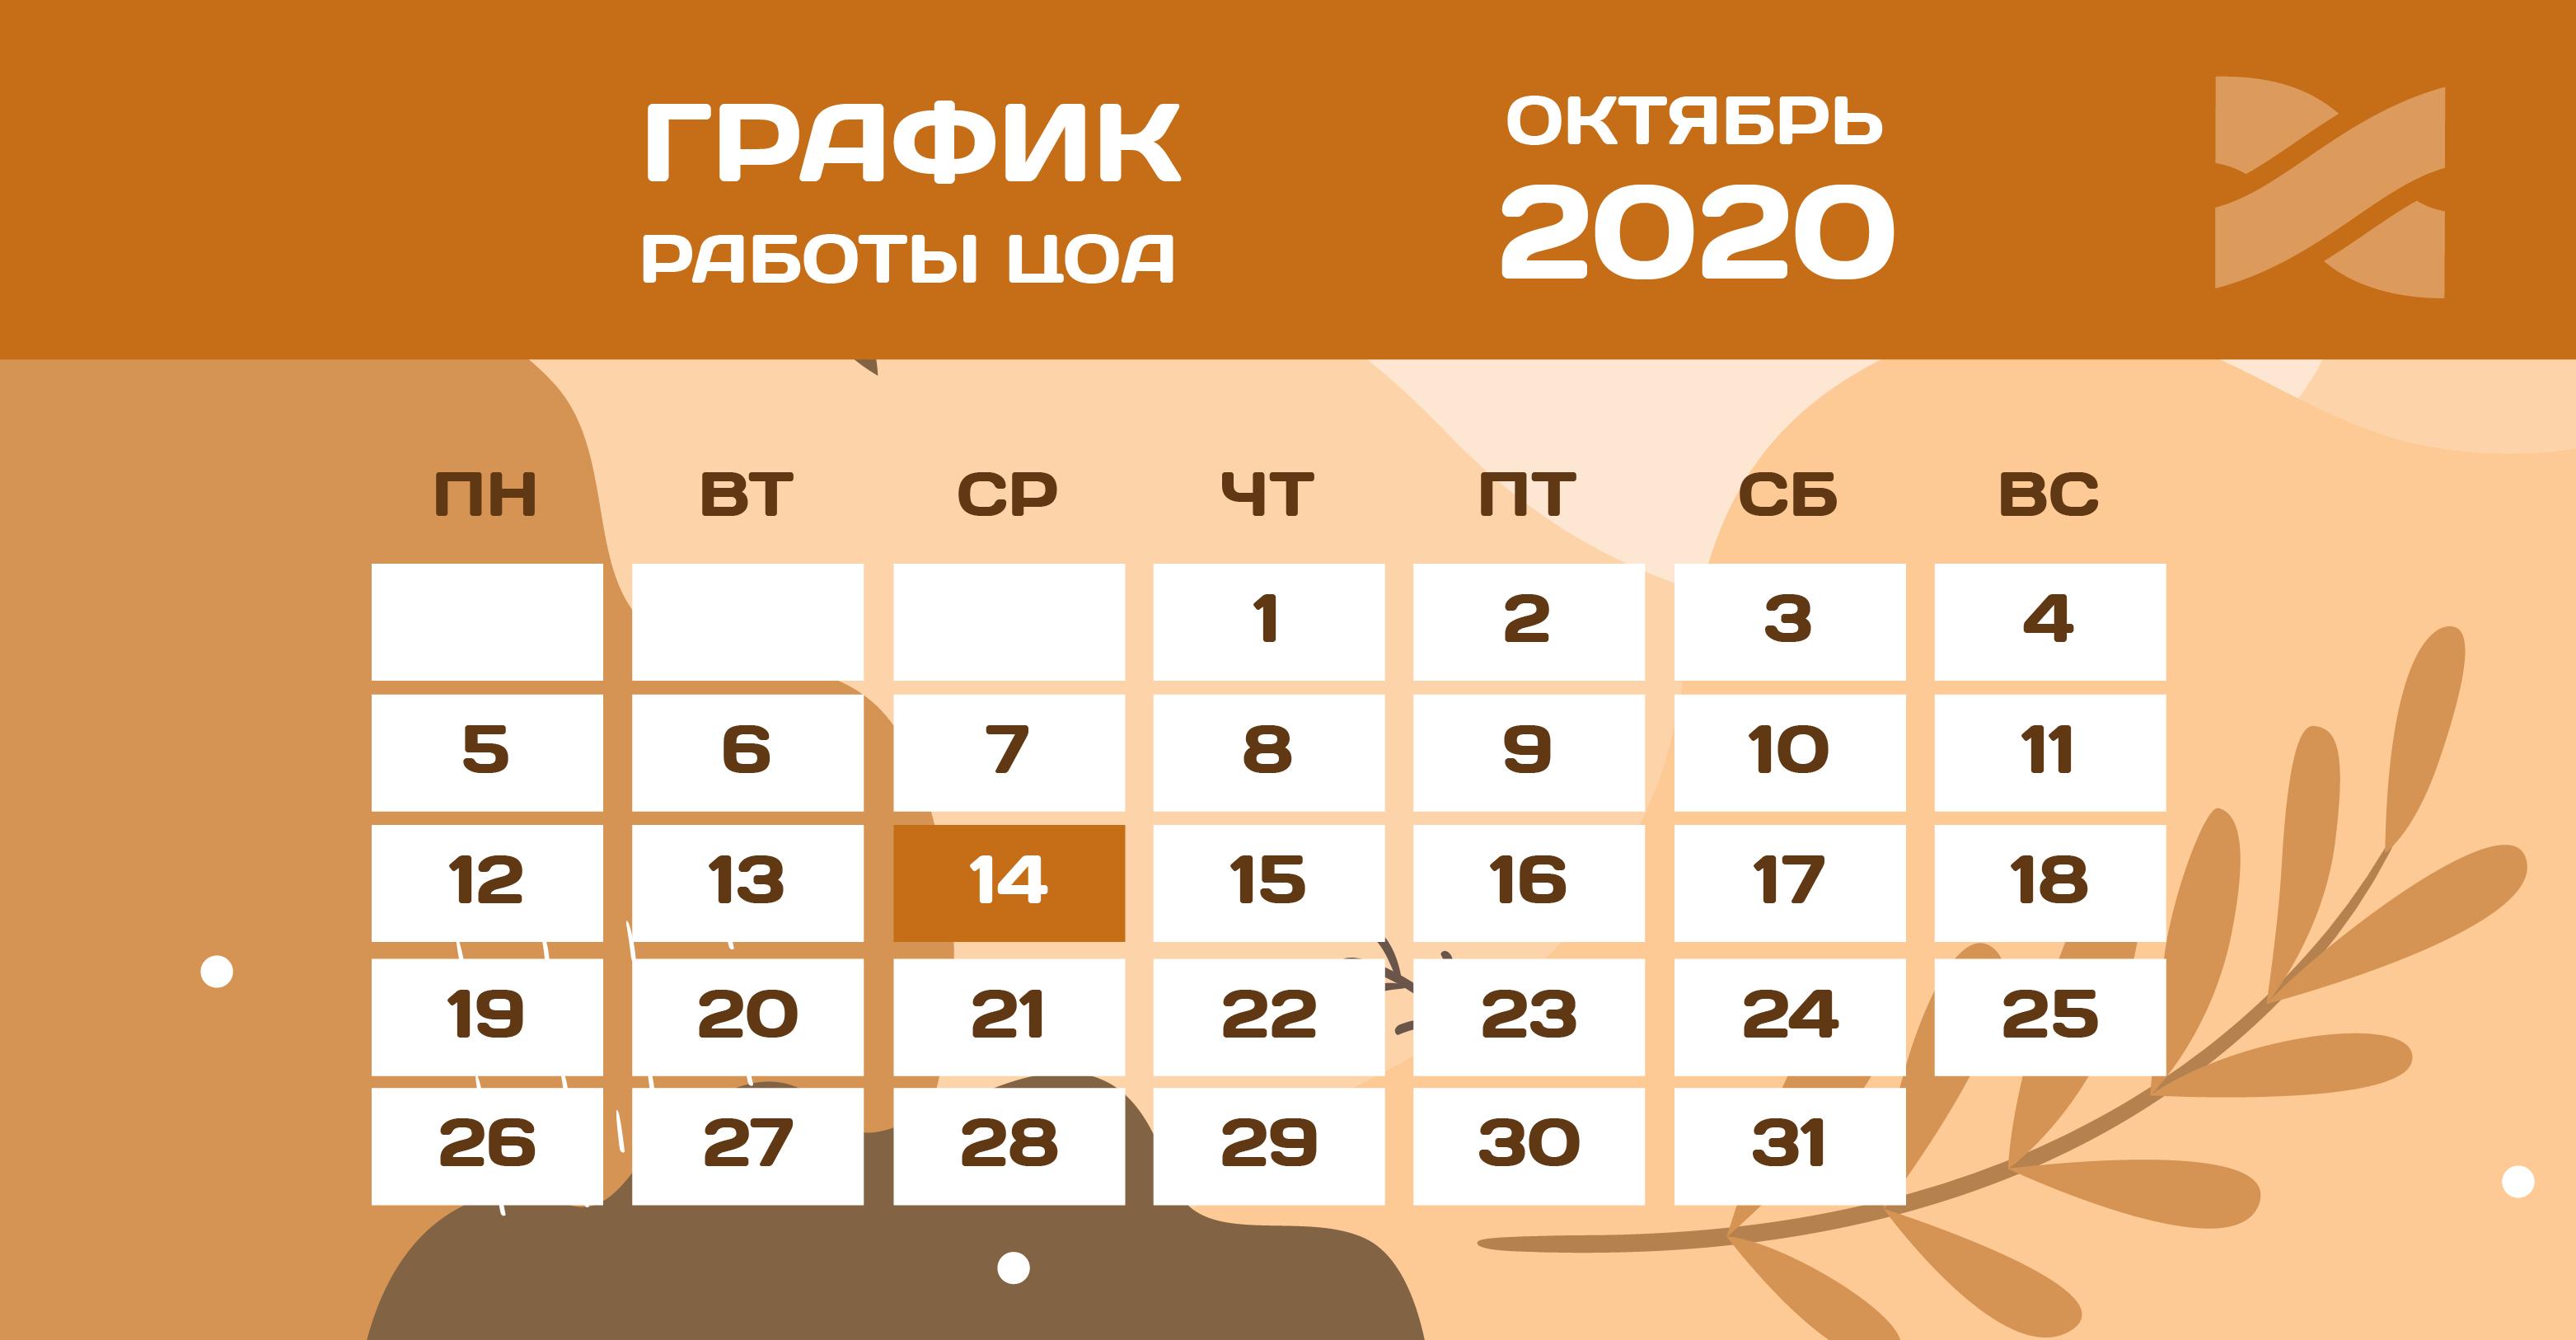 График работы ЦОА в октябре 2020